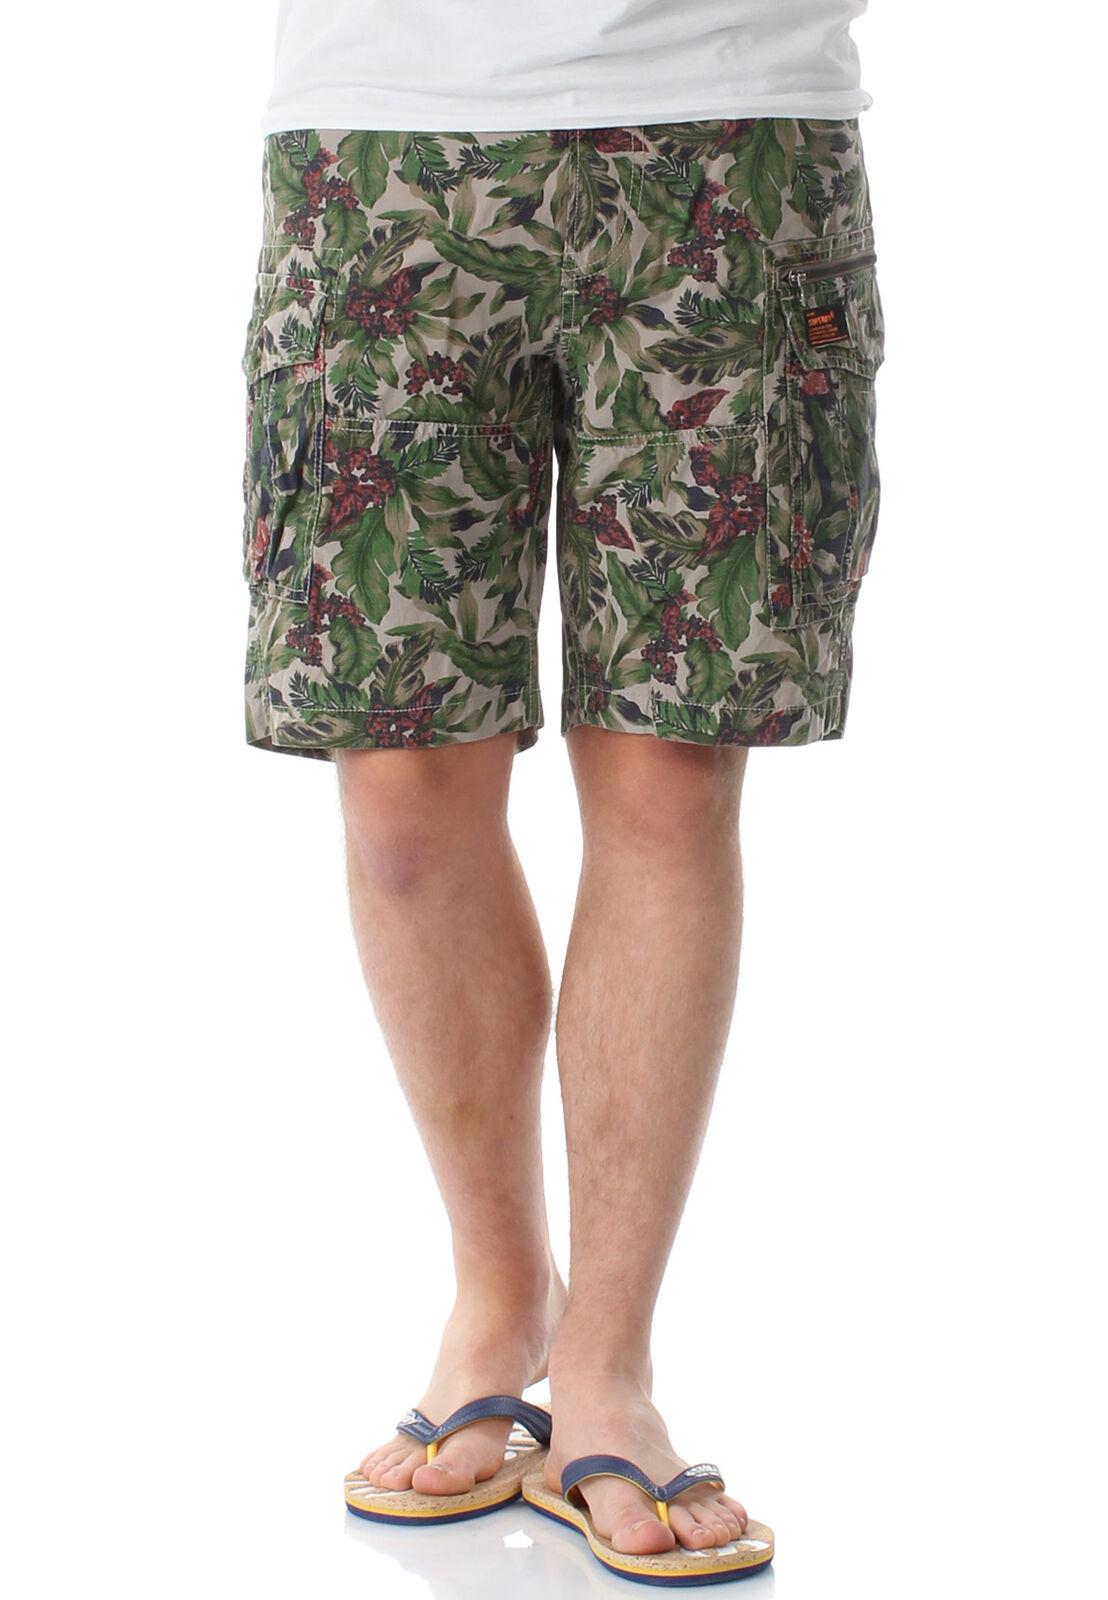 SUPERDRY SHORTS MENS Core lite parachute shorts jungle camo ripstop AOP